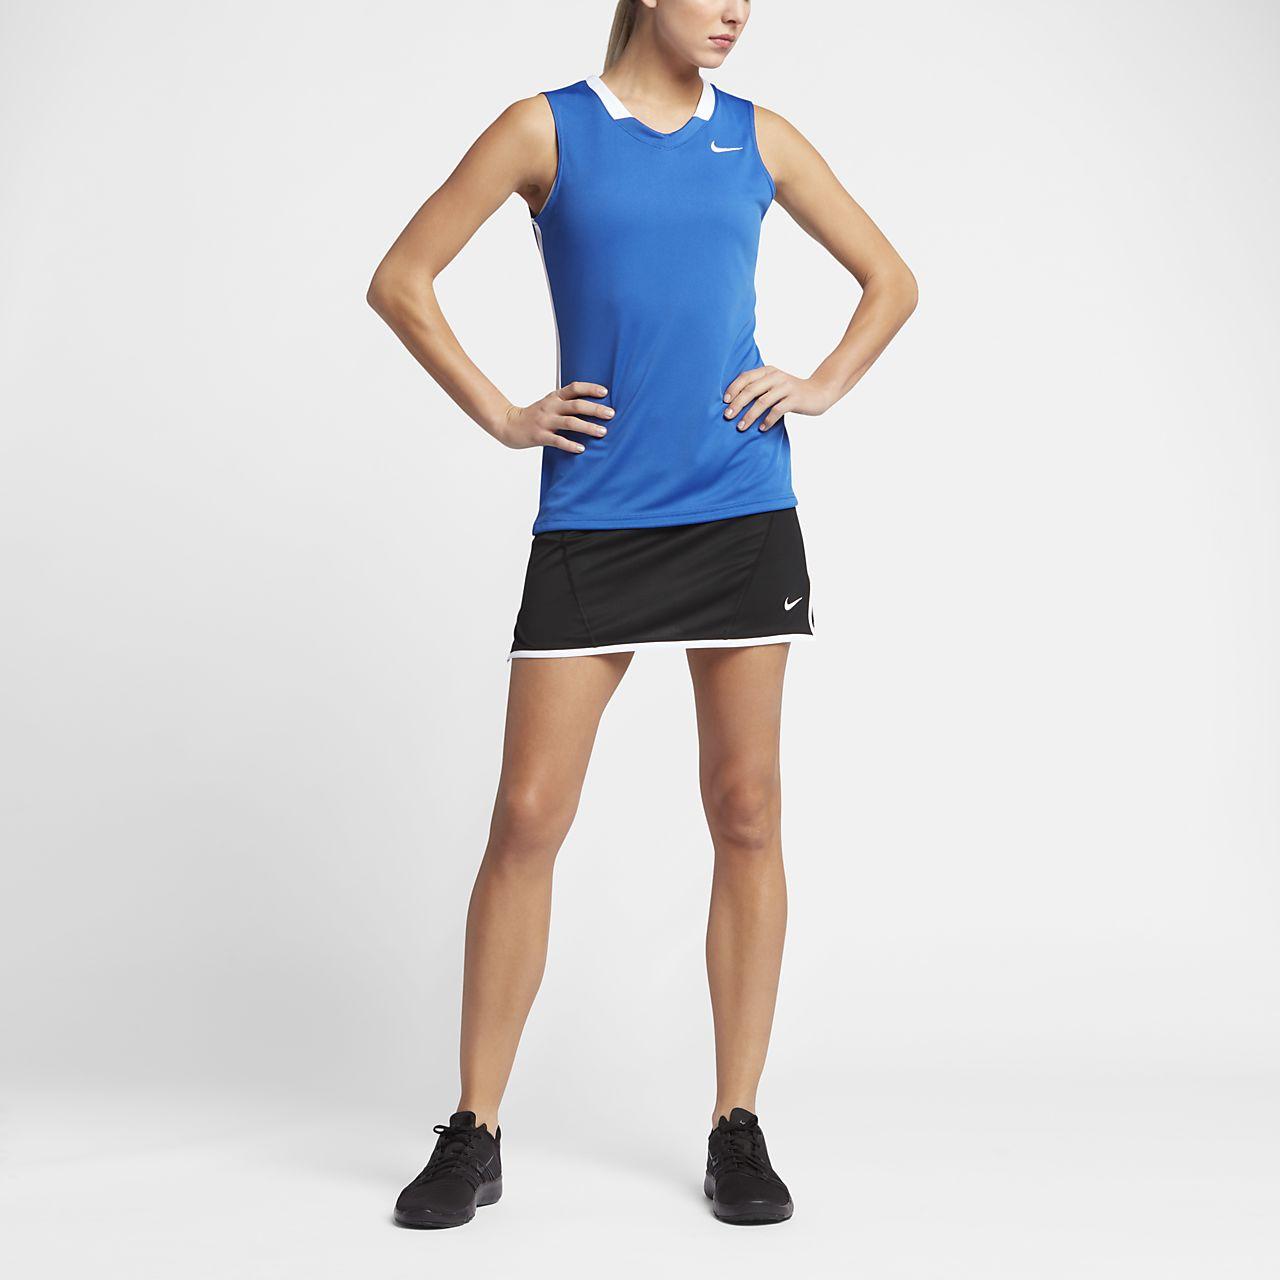 ... Nike Face-Off Stock Women's Lacrosse Jersey